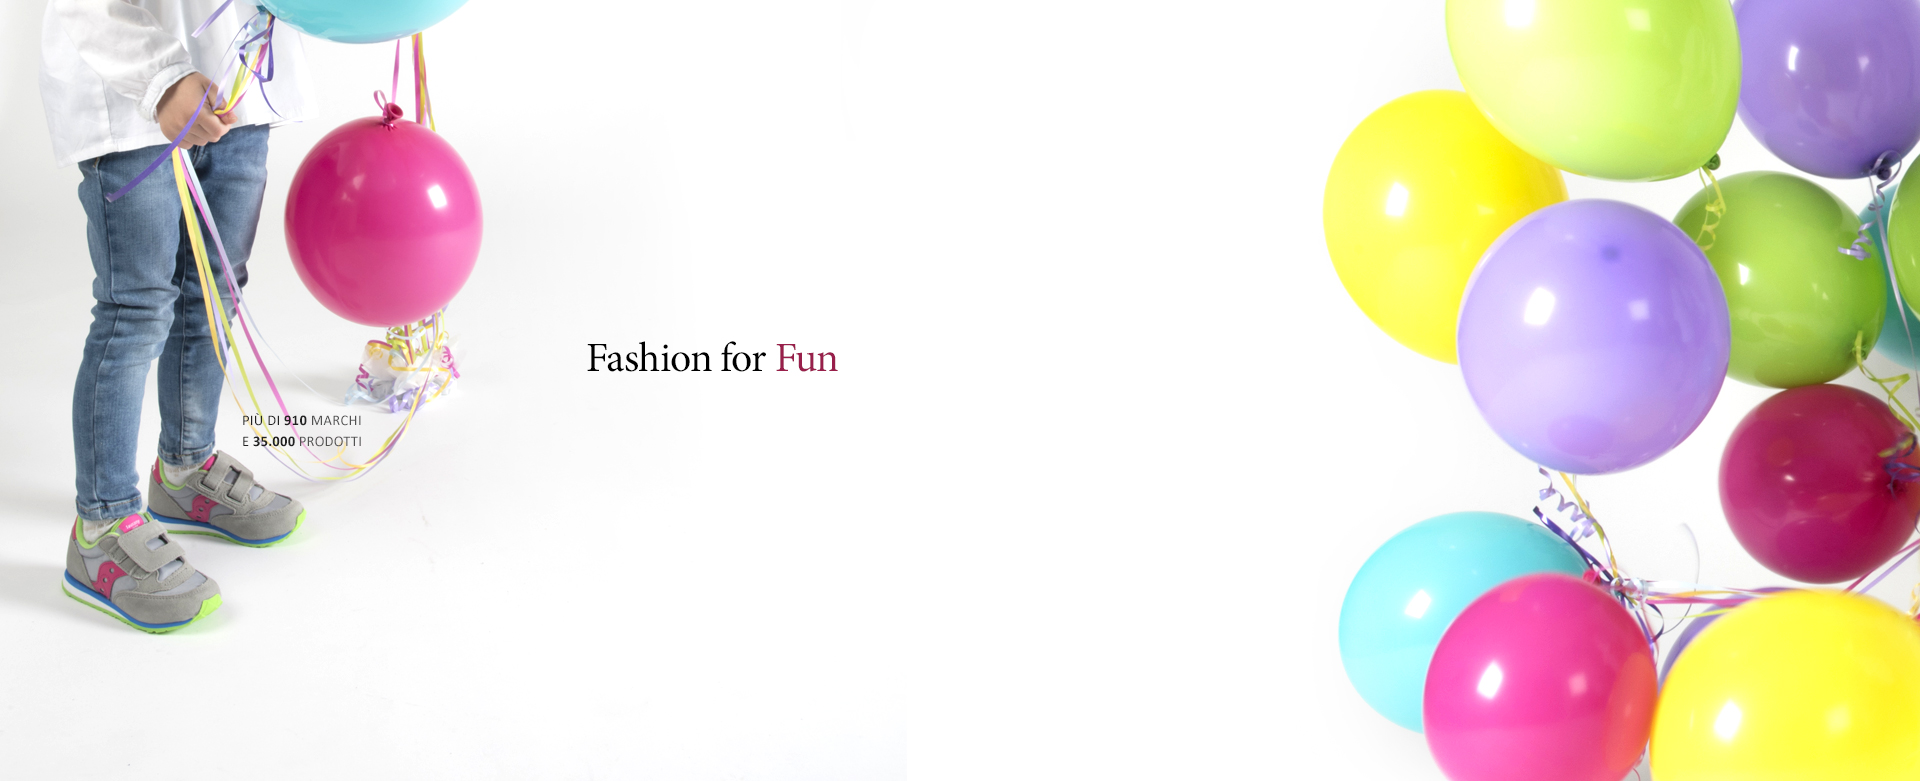 Homepage Slide 6